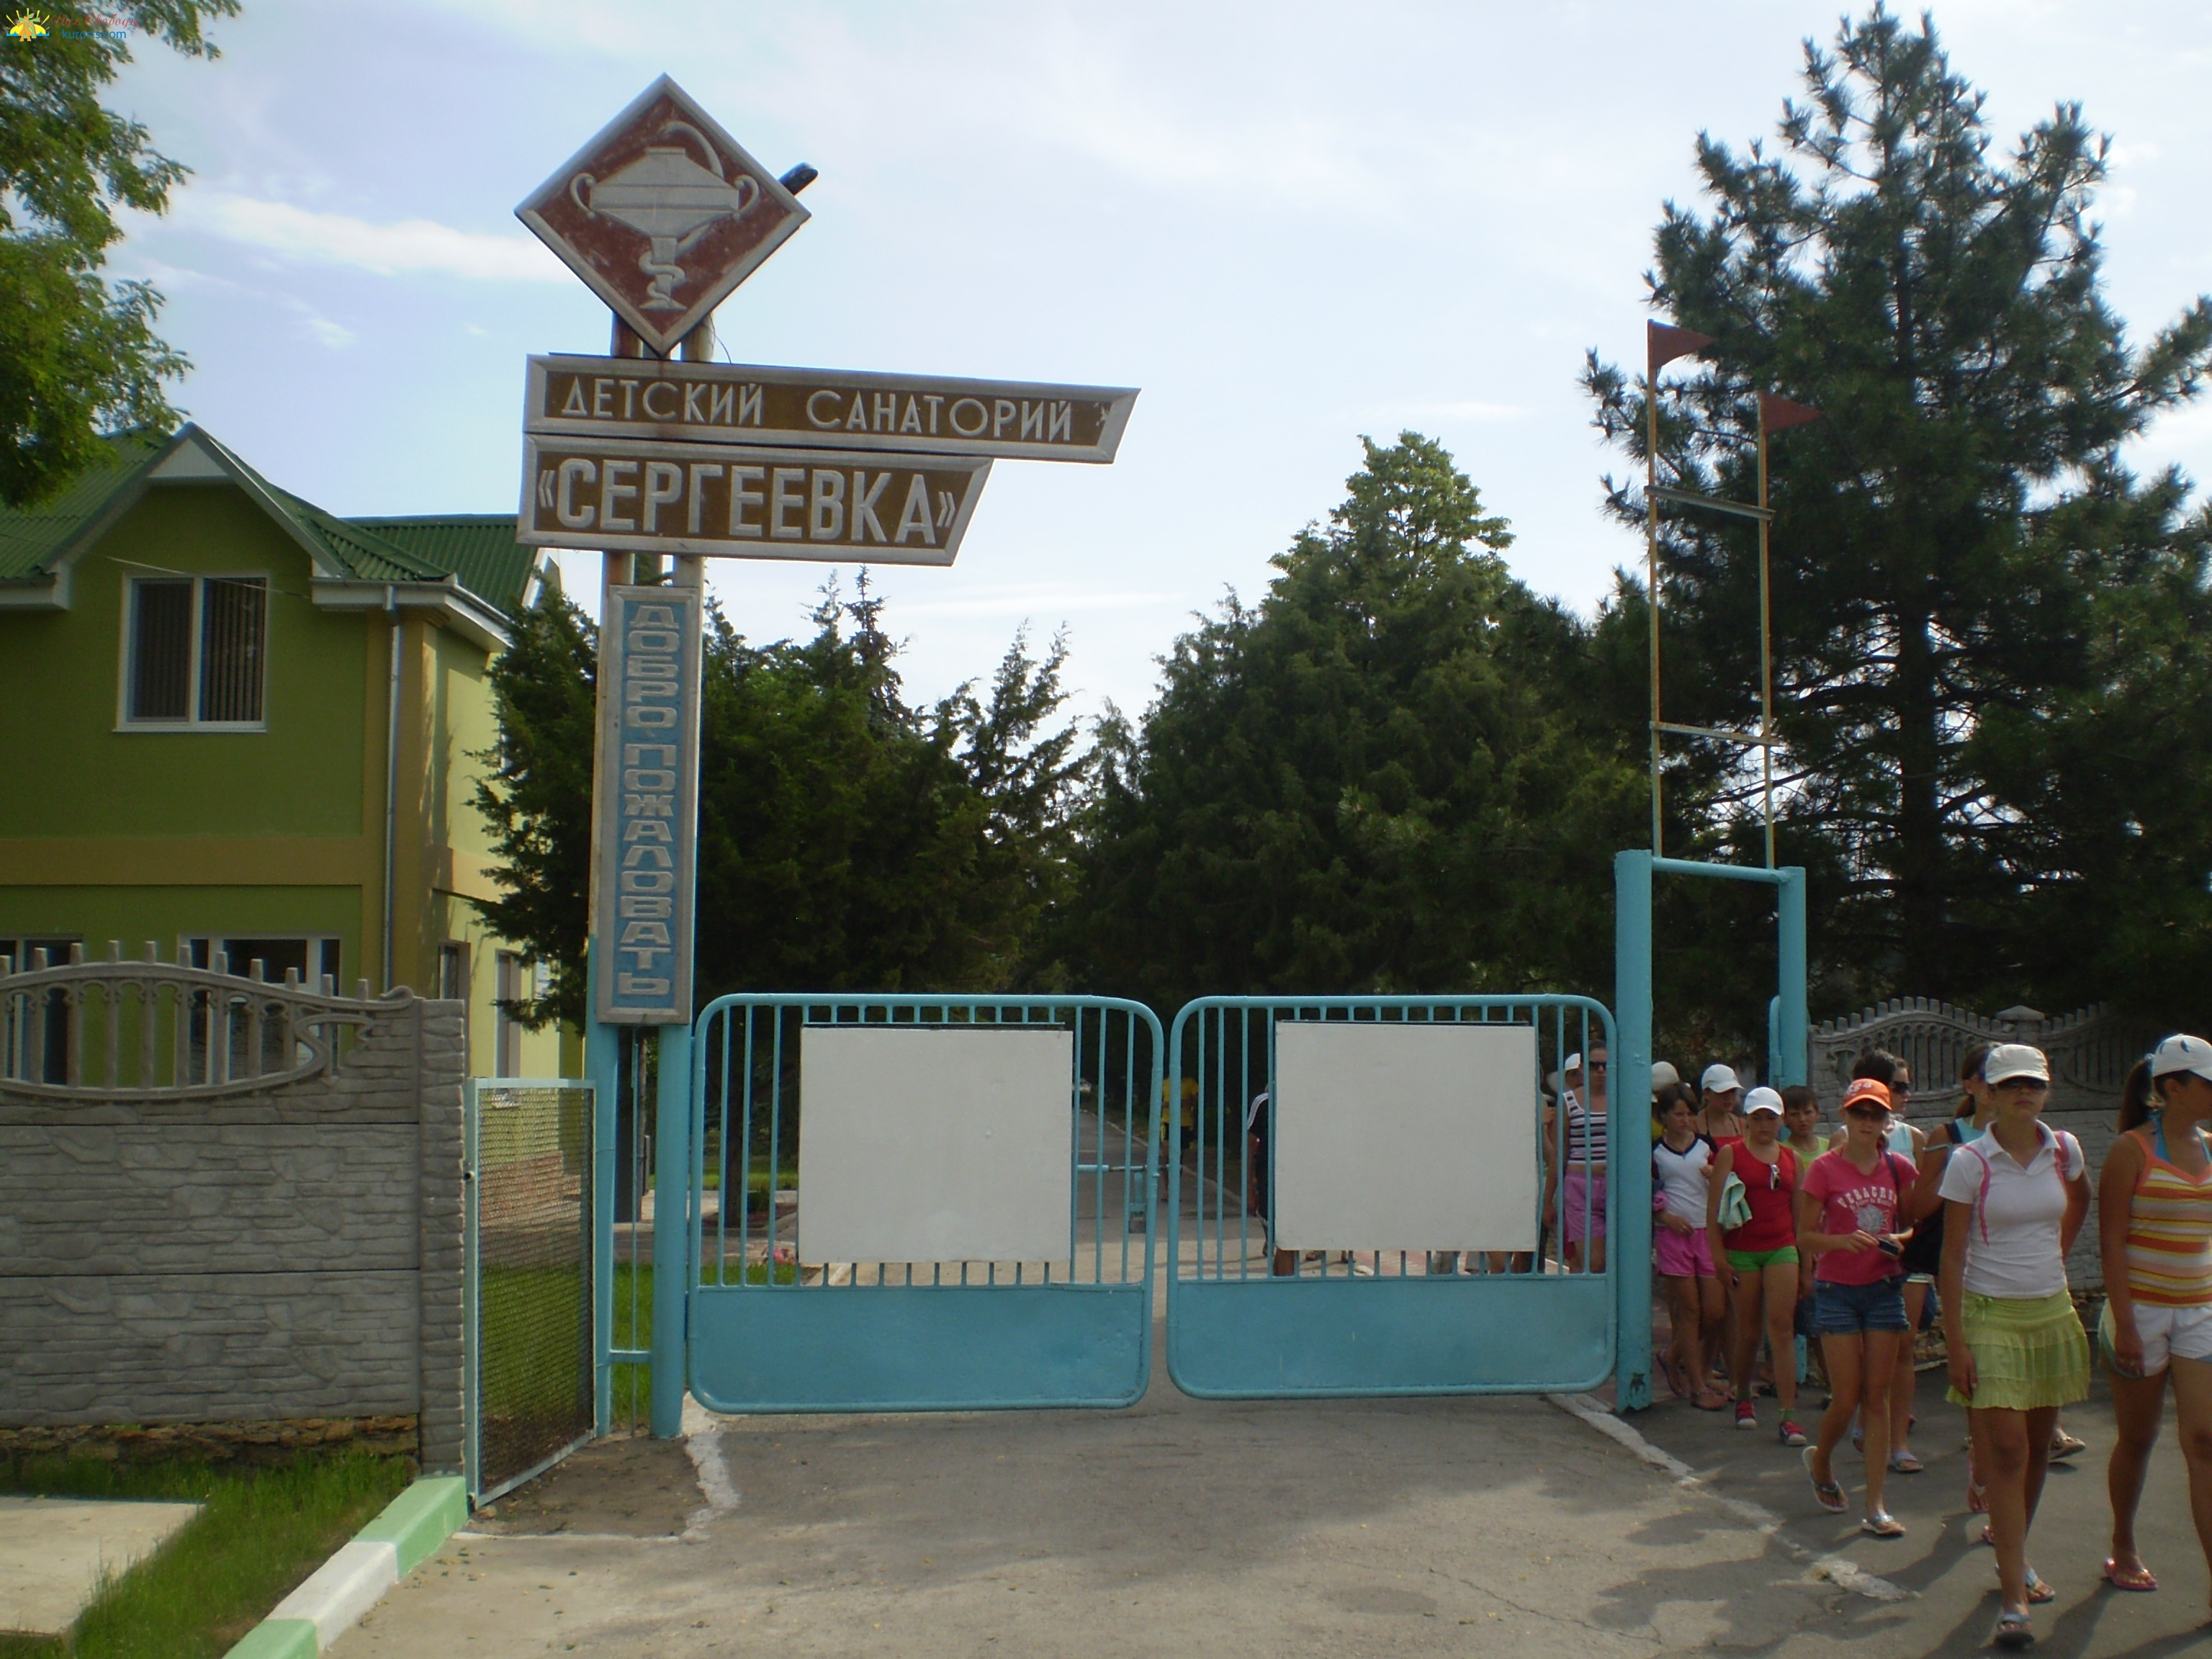 Санаторий Сергеевка фото